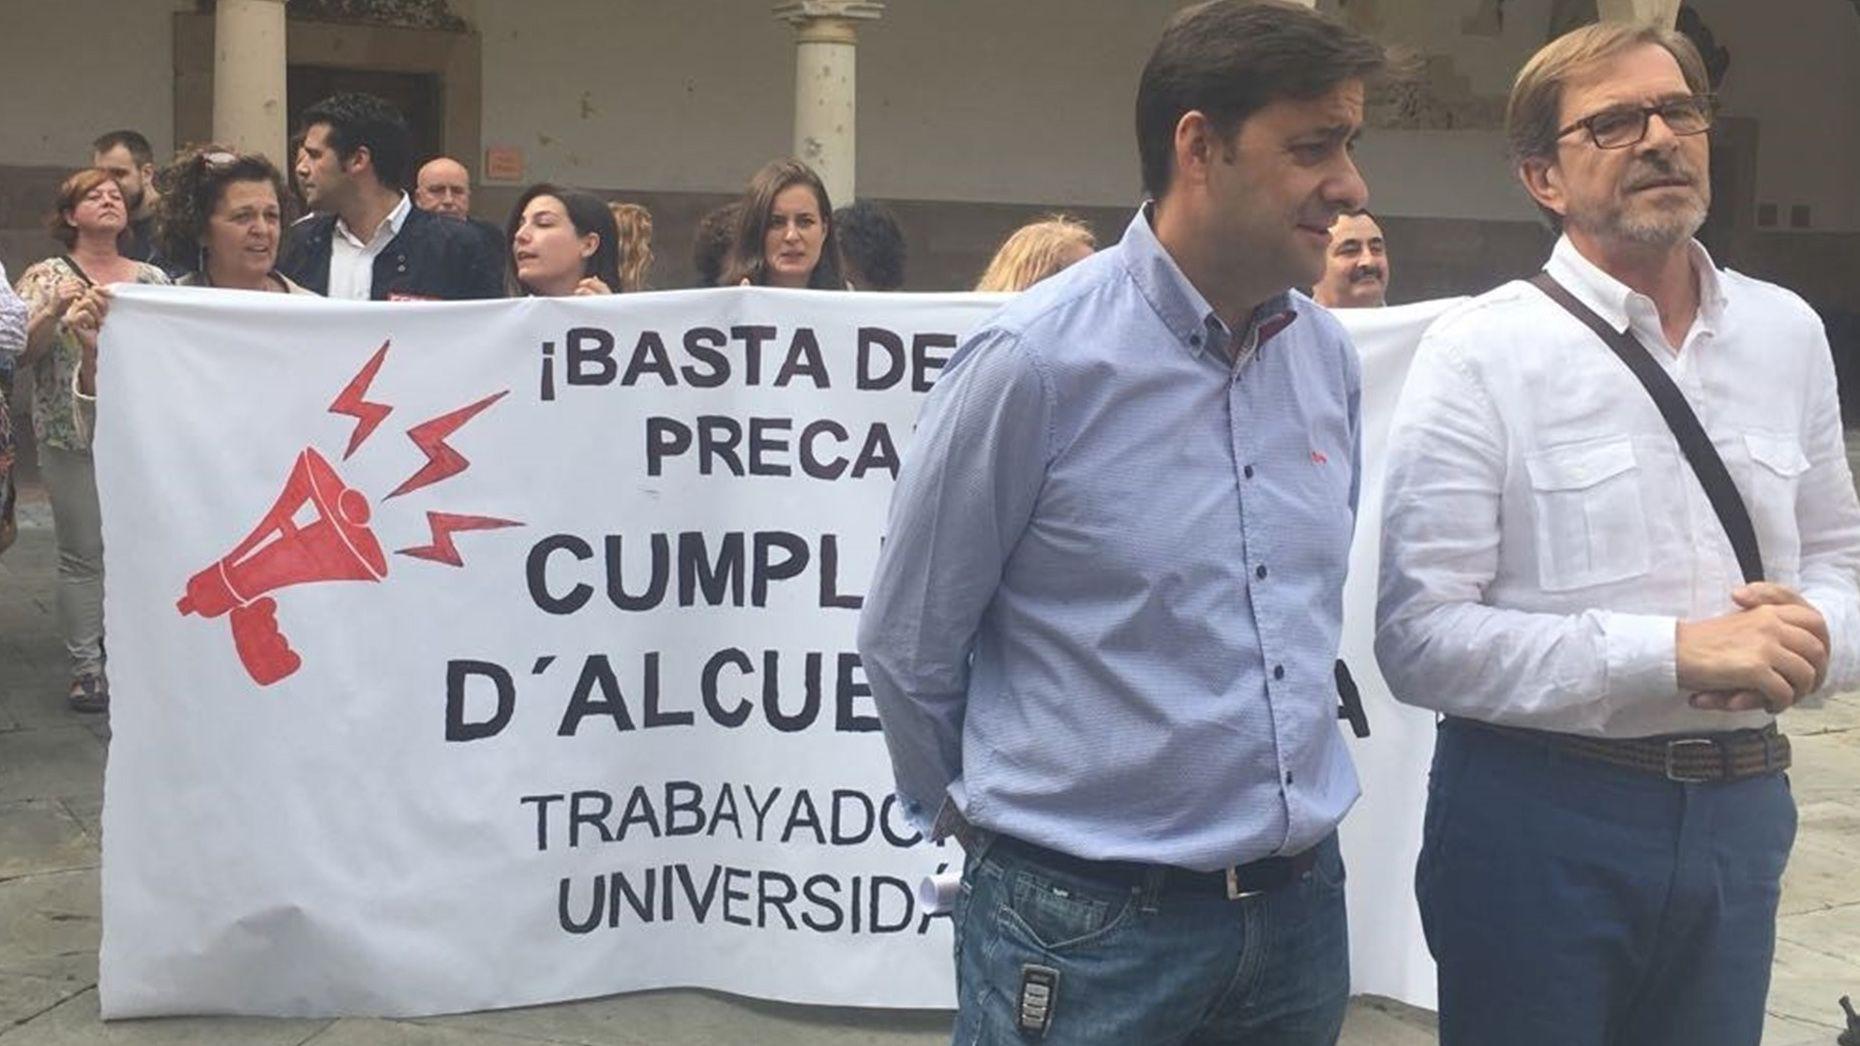 Estudiantes de Oviedo se manifiestan contra el machismo en las aulas.Concentración de los PAS en Oviedo